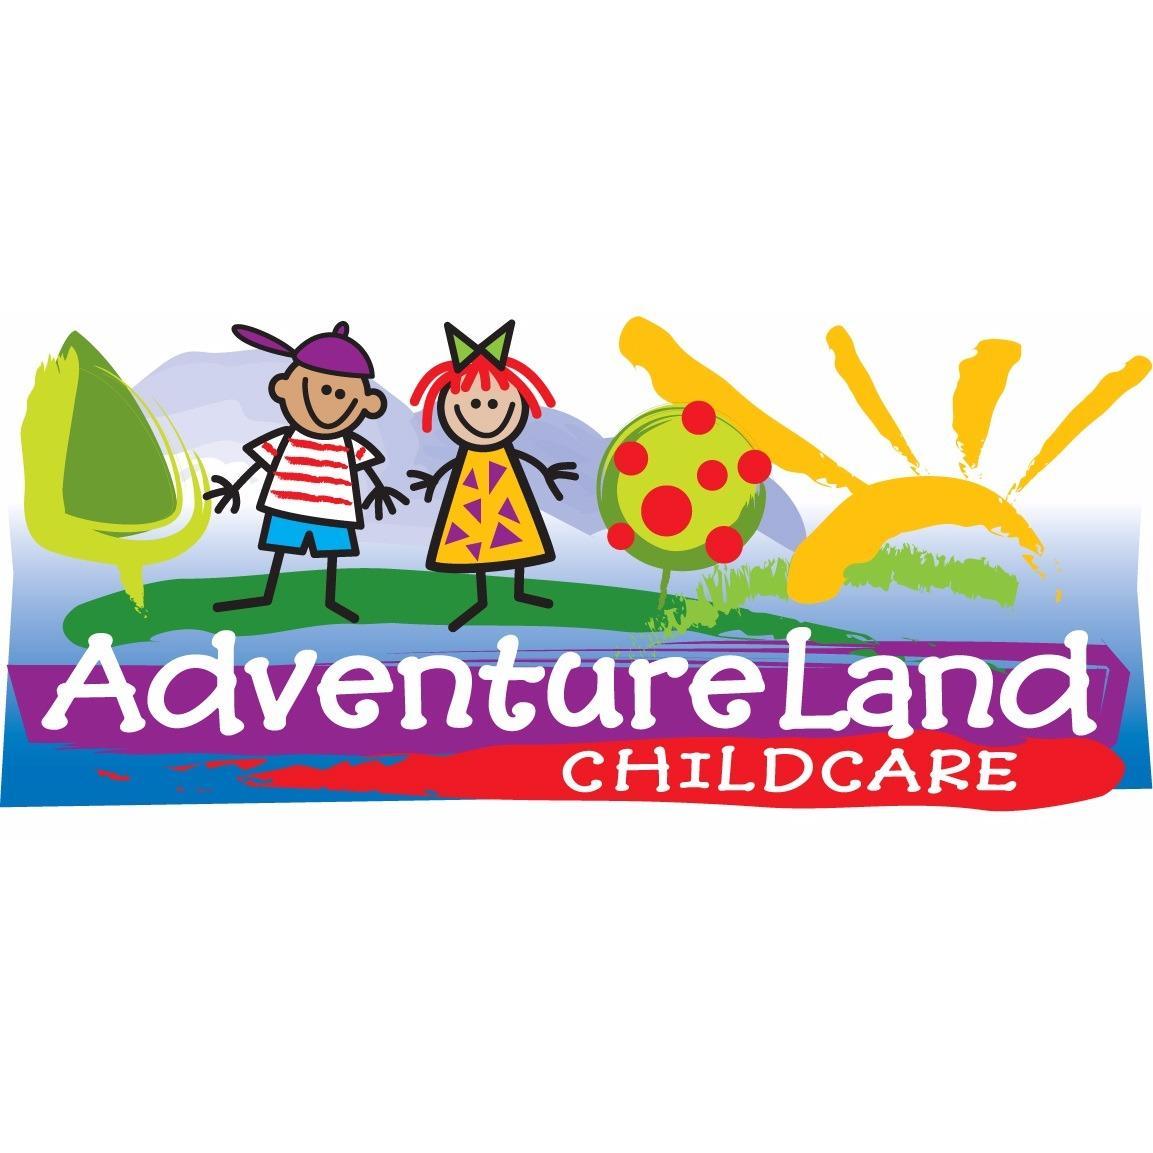 Adventureland Child Care Center